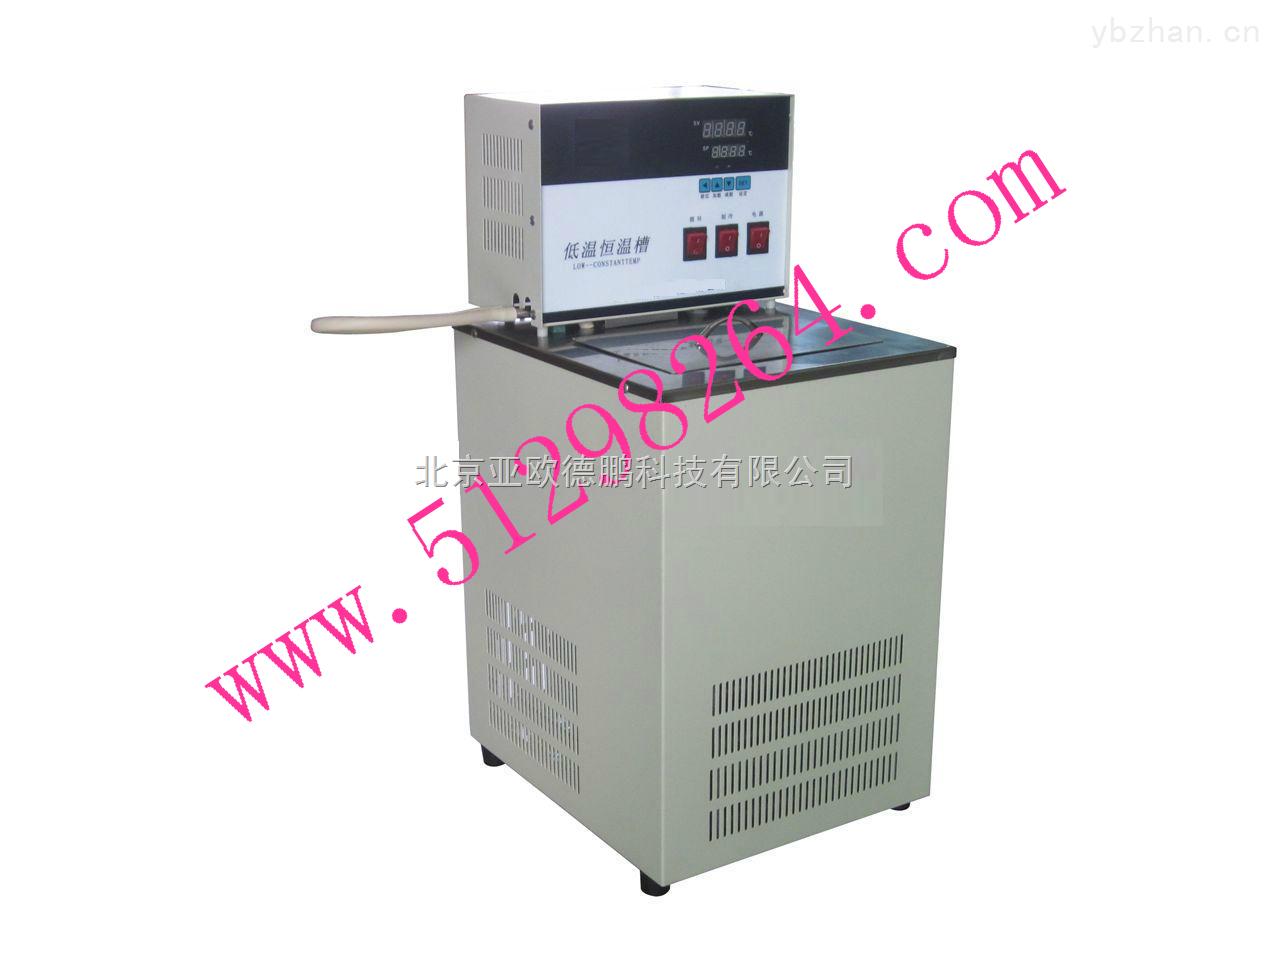 DP-08-低溫恒溫循環器/低溫恒溫循環槽